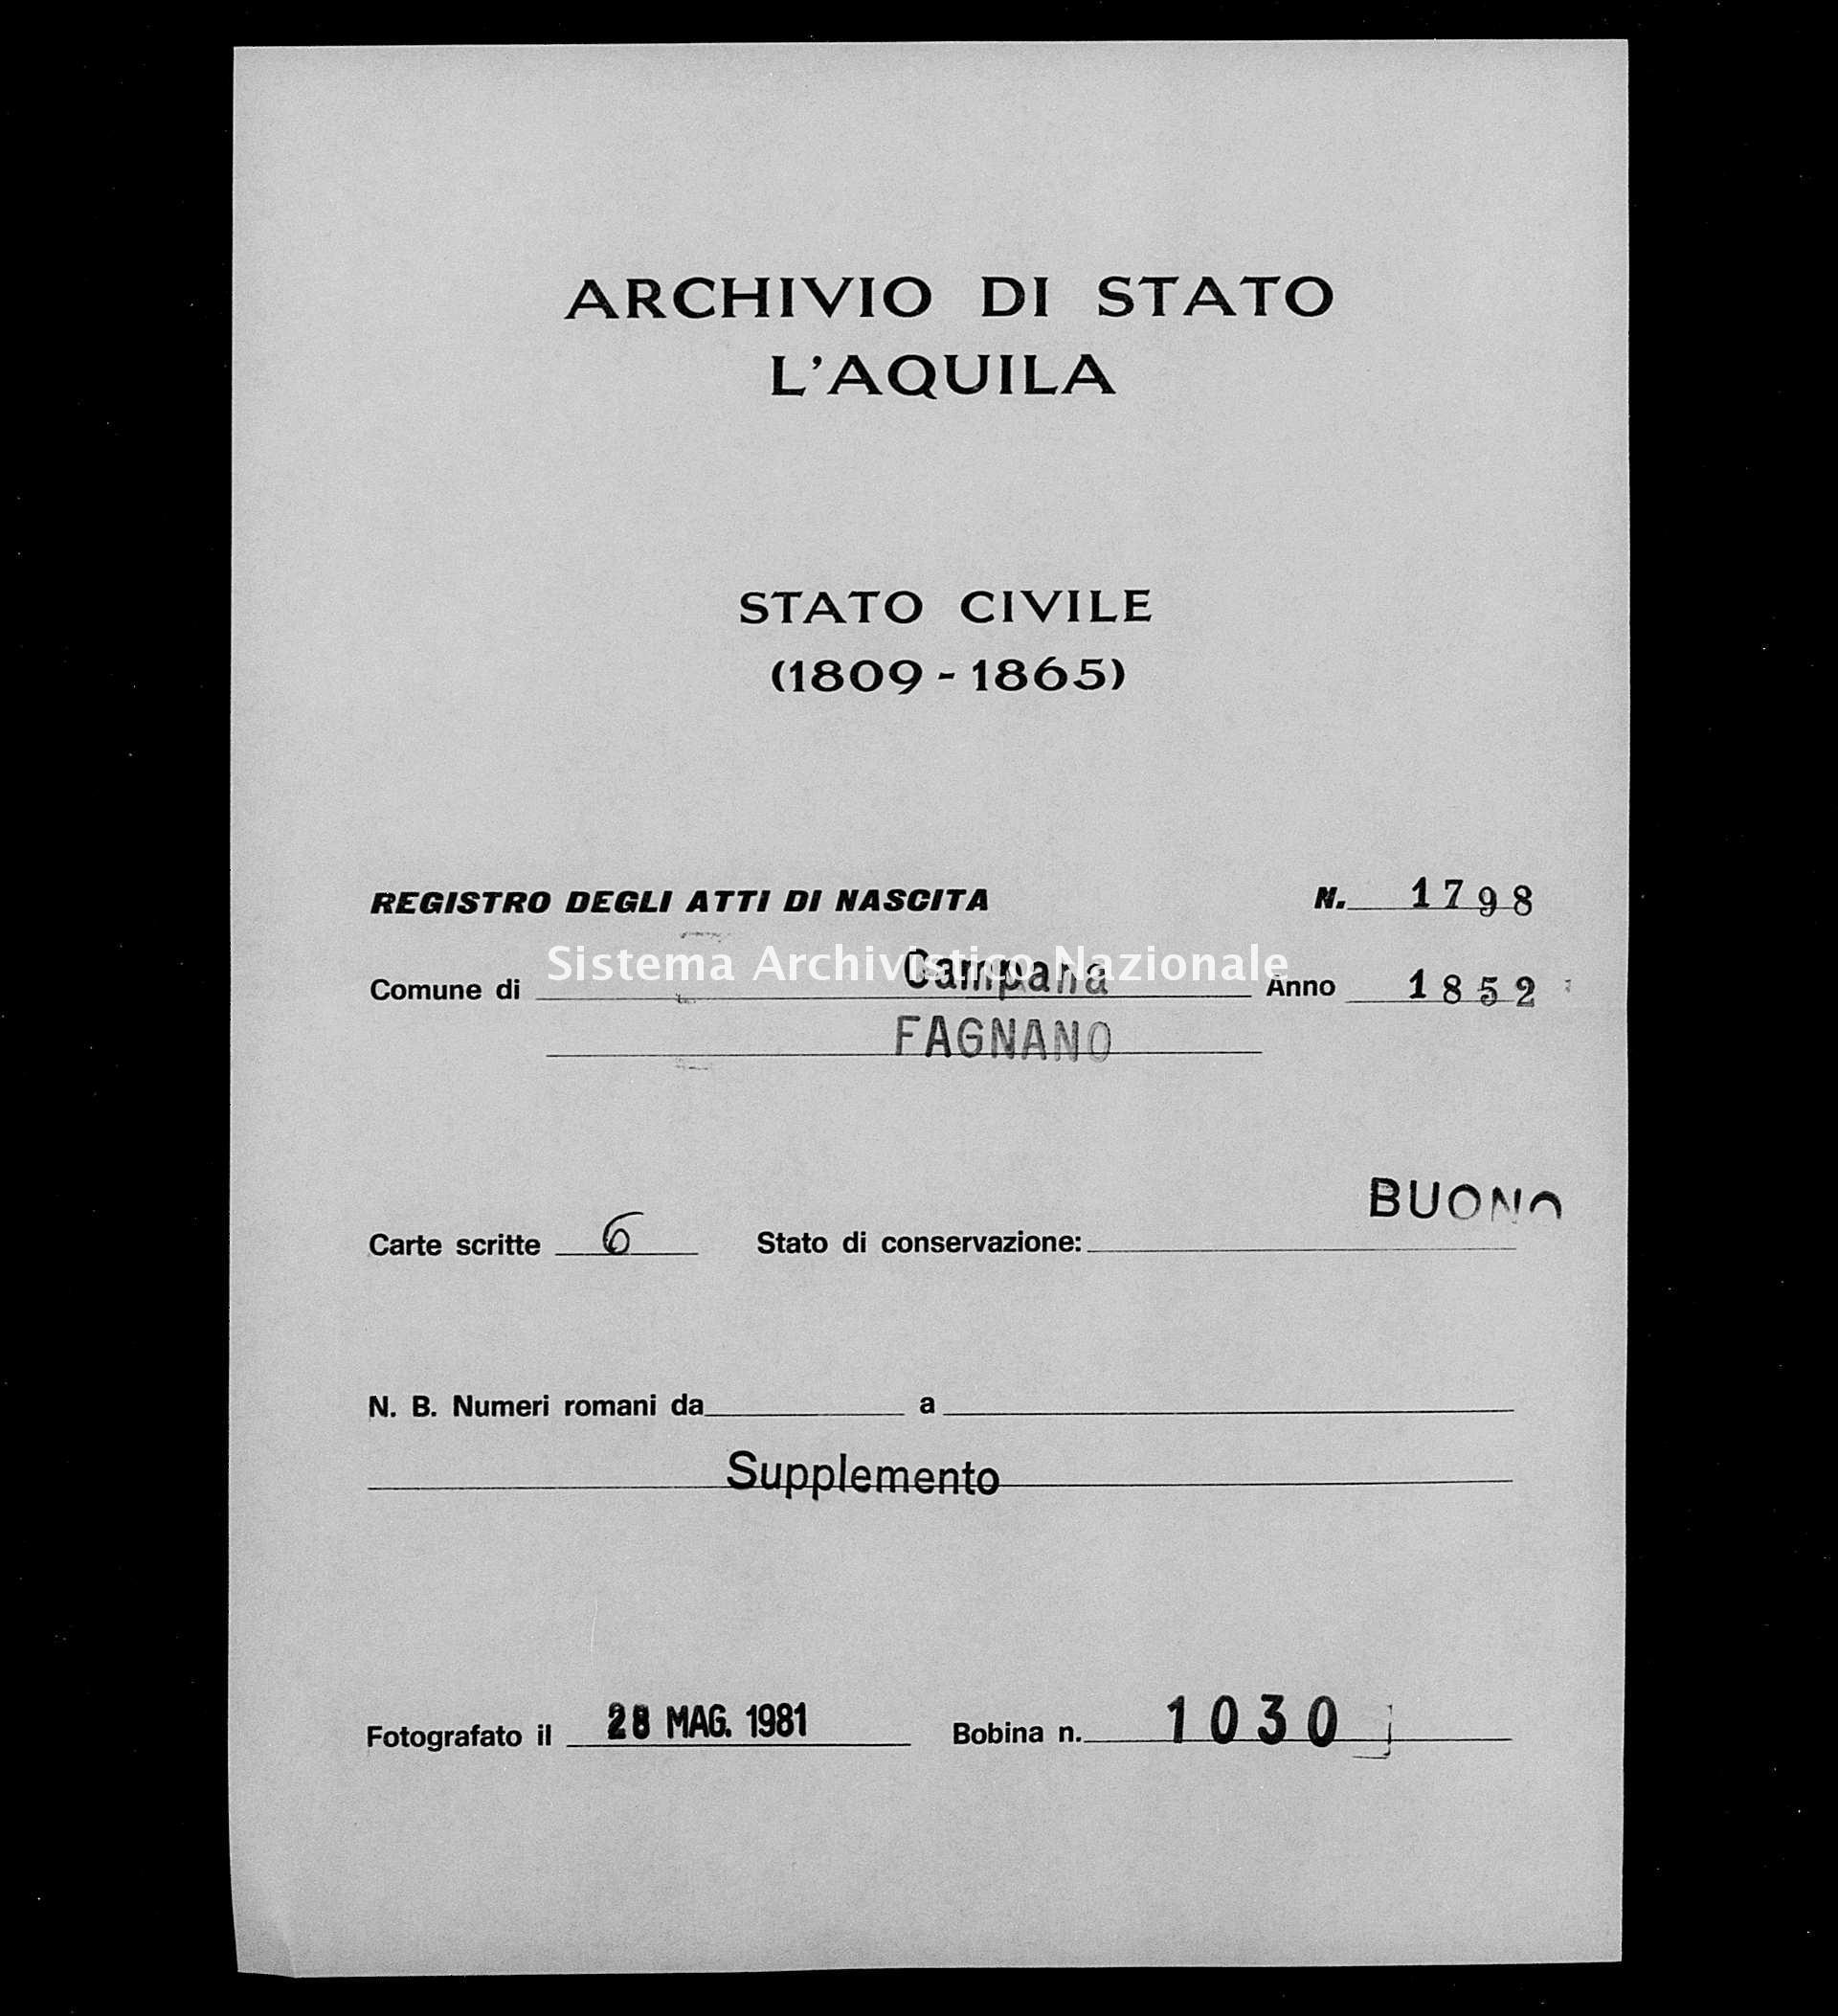 Archivio di stato di L'aquila - Stato civile della restaurazione - Campana - Nati, battesimi - 1852 - 1798 -